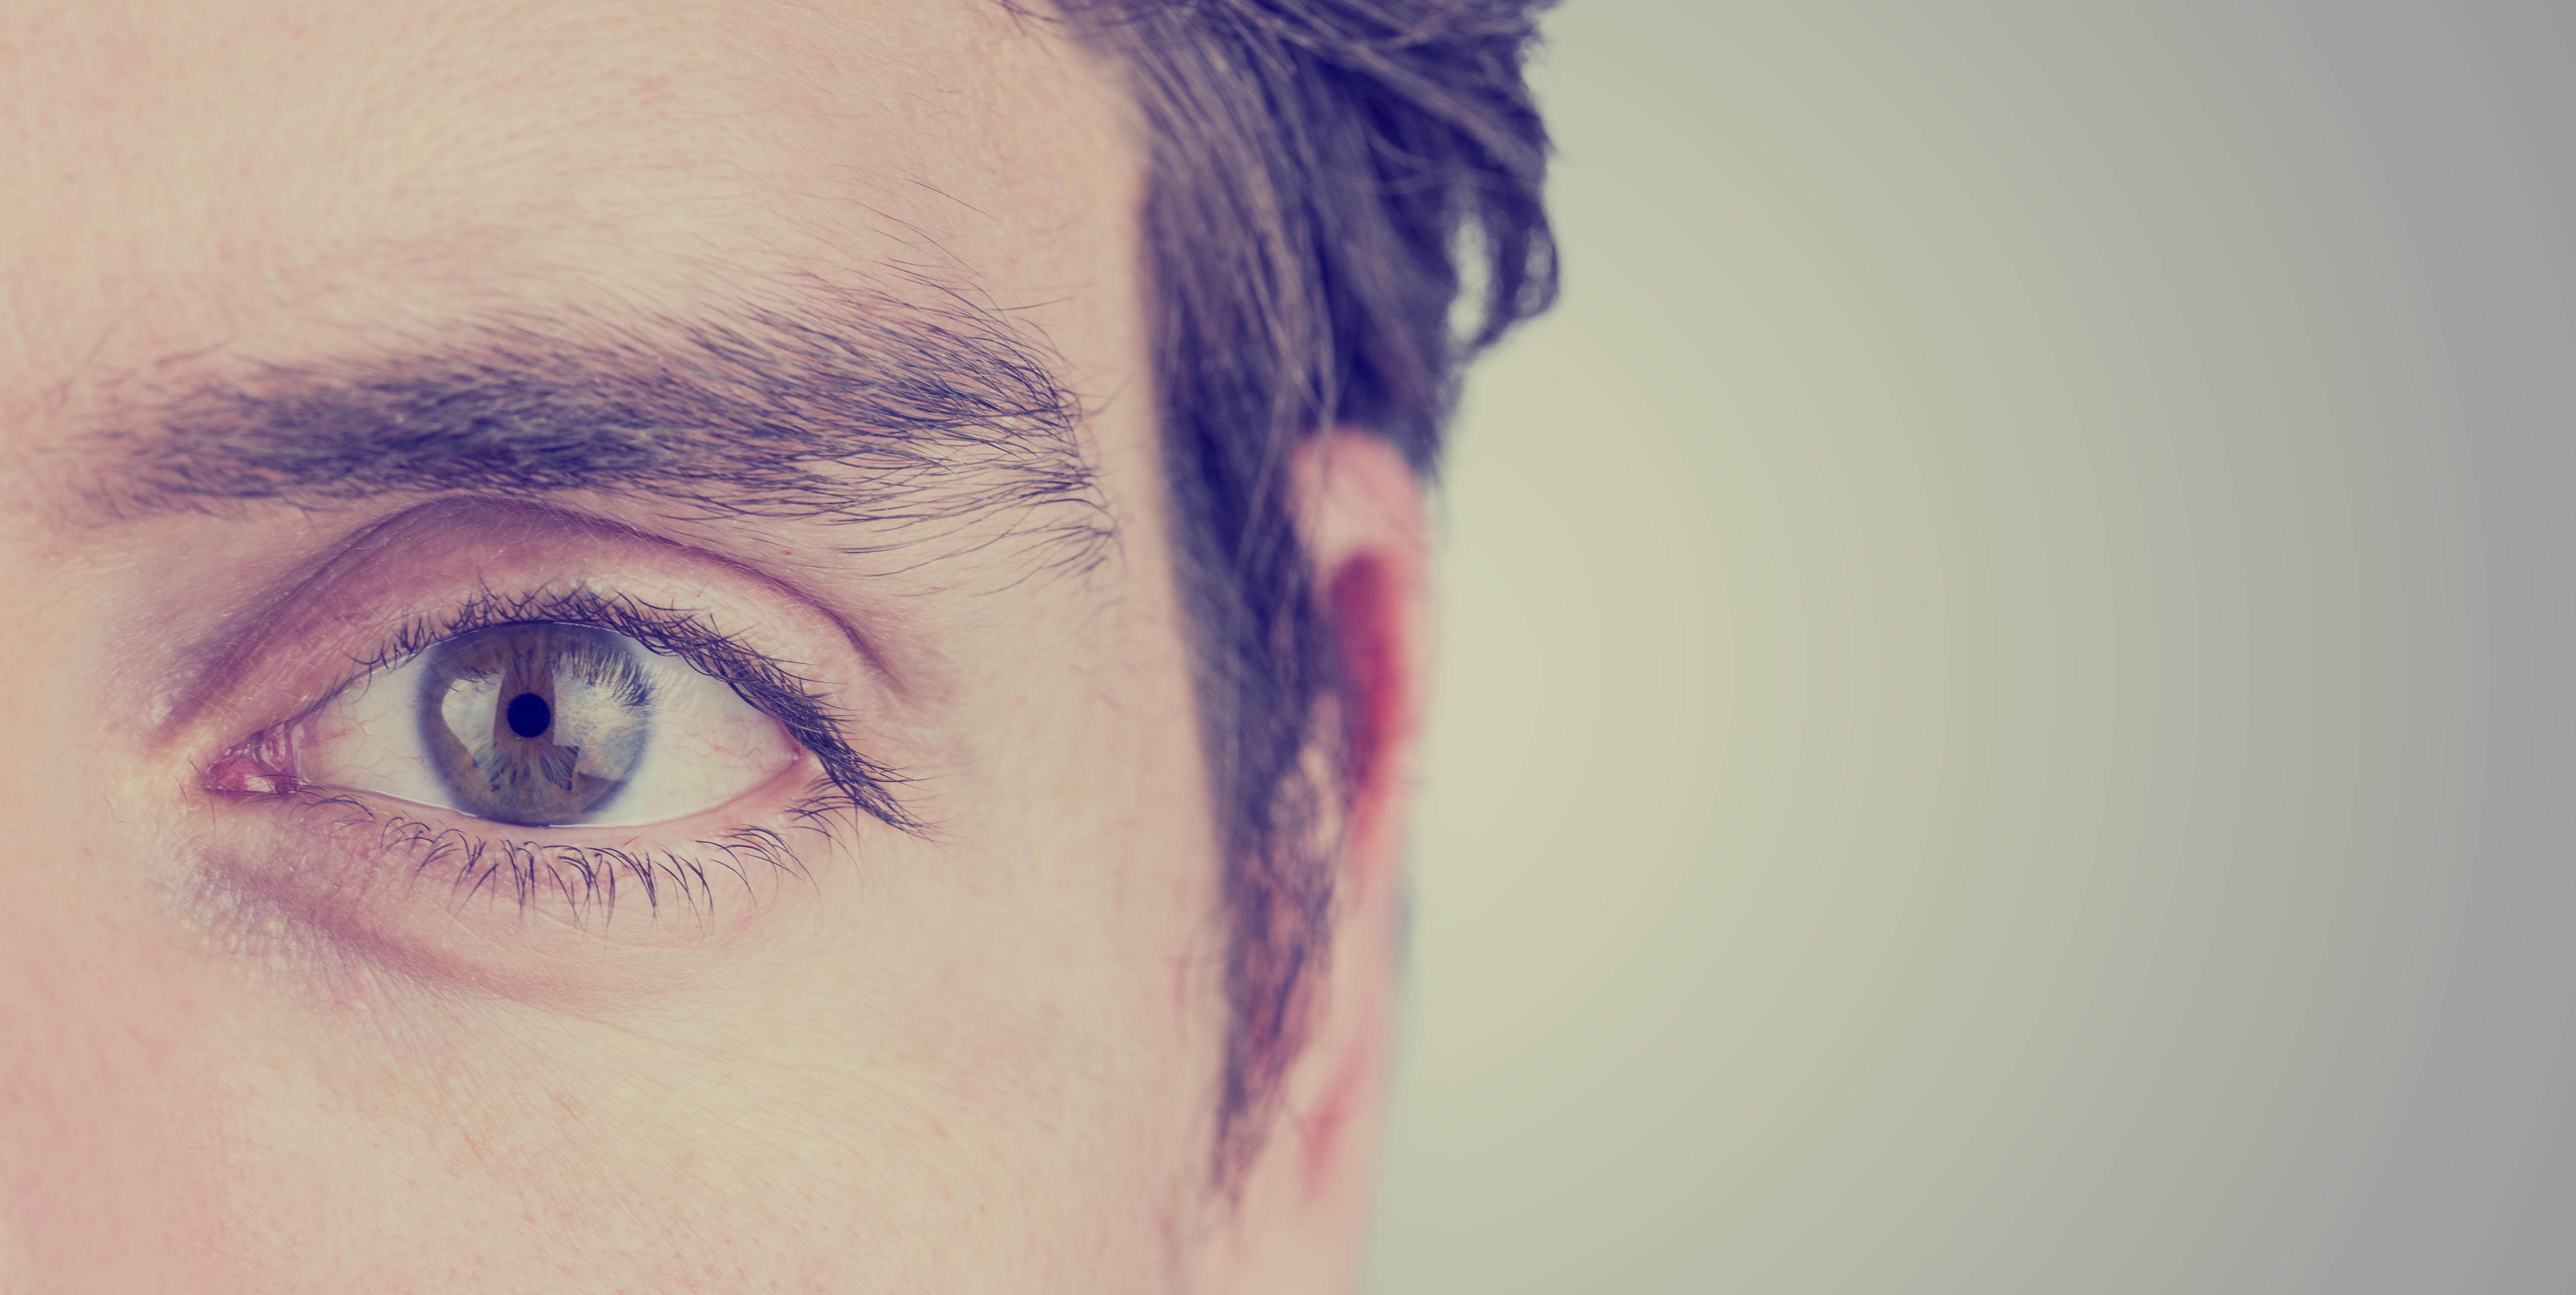 látási szövődmények a nikotin befolyásolja a látást